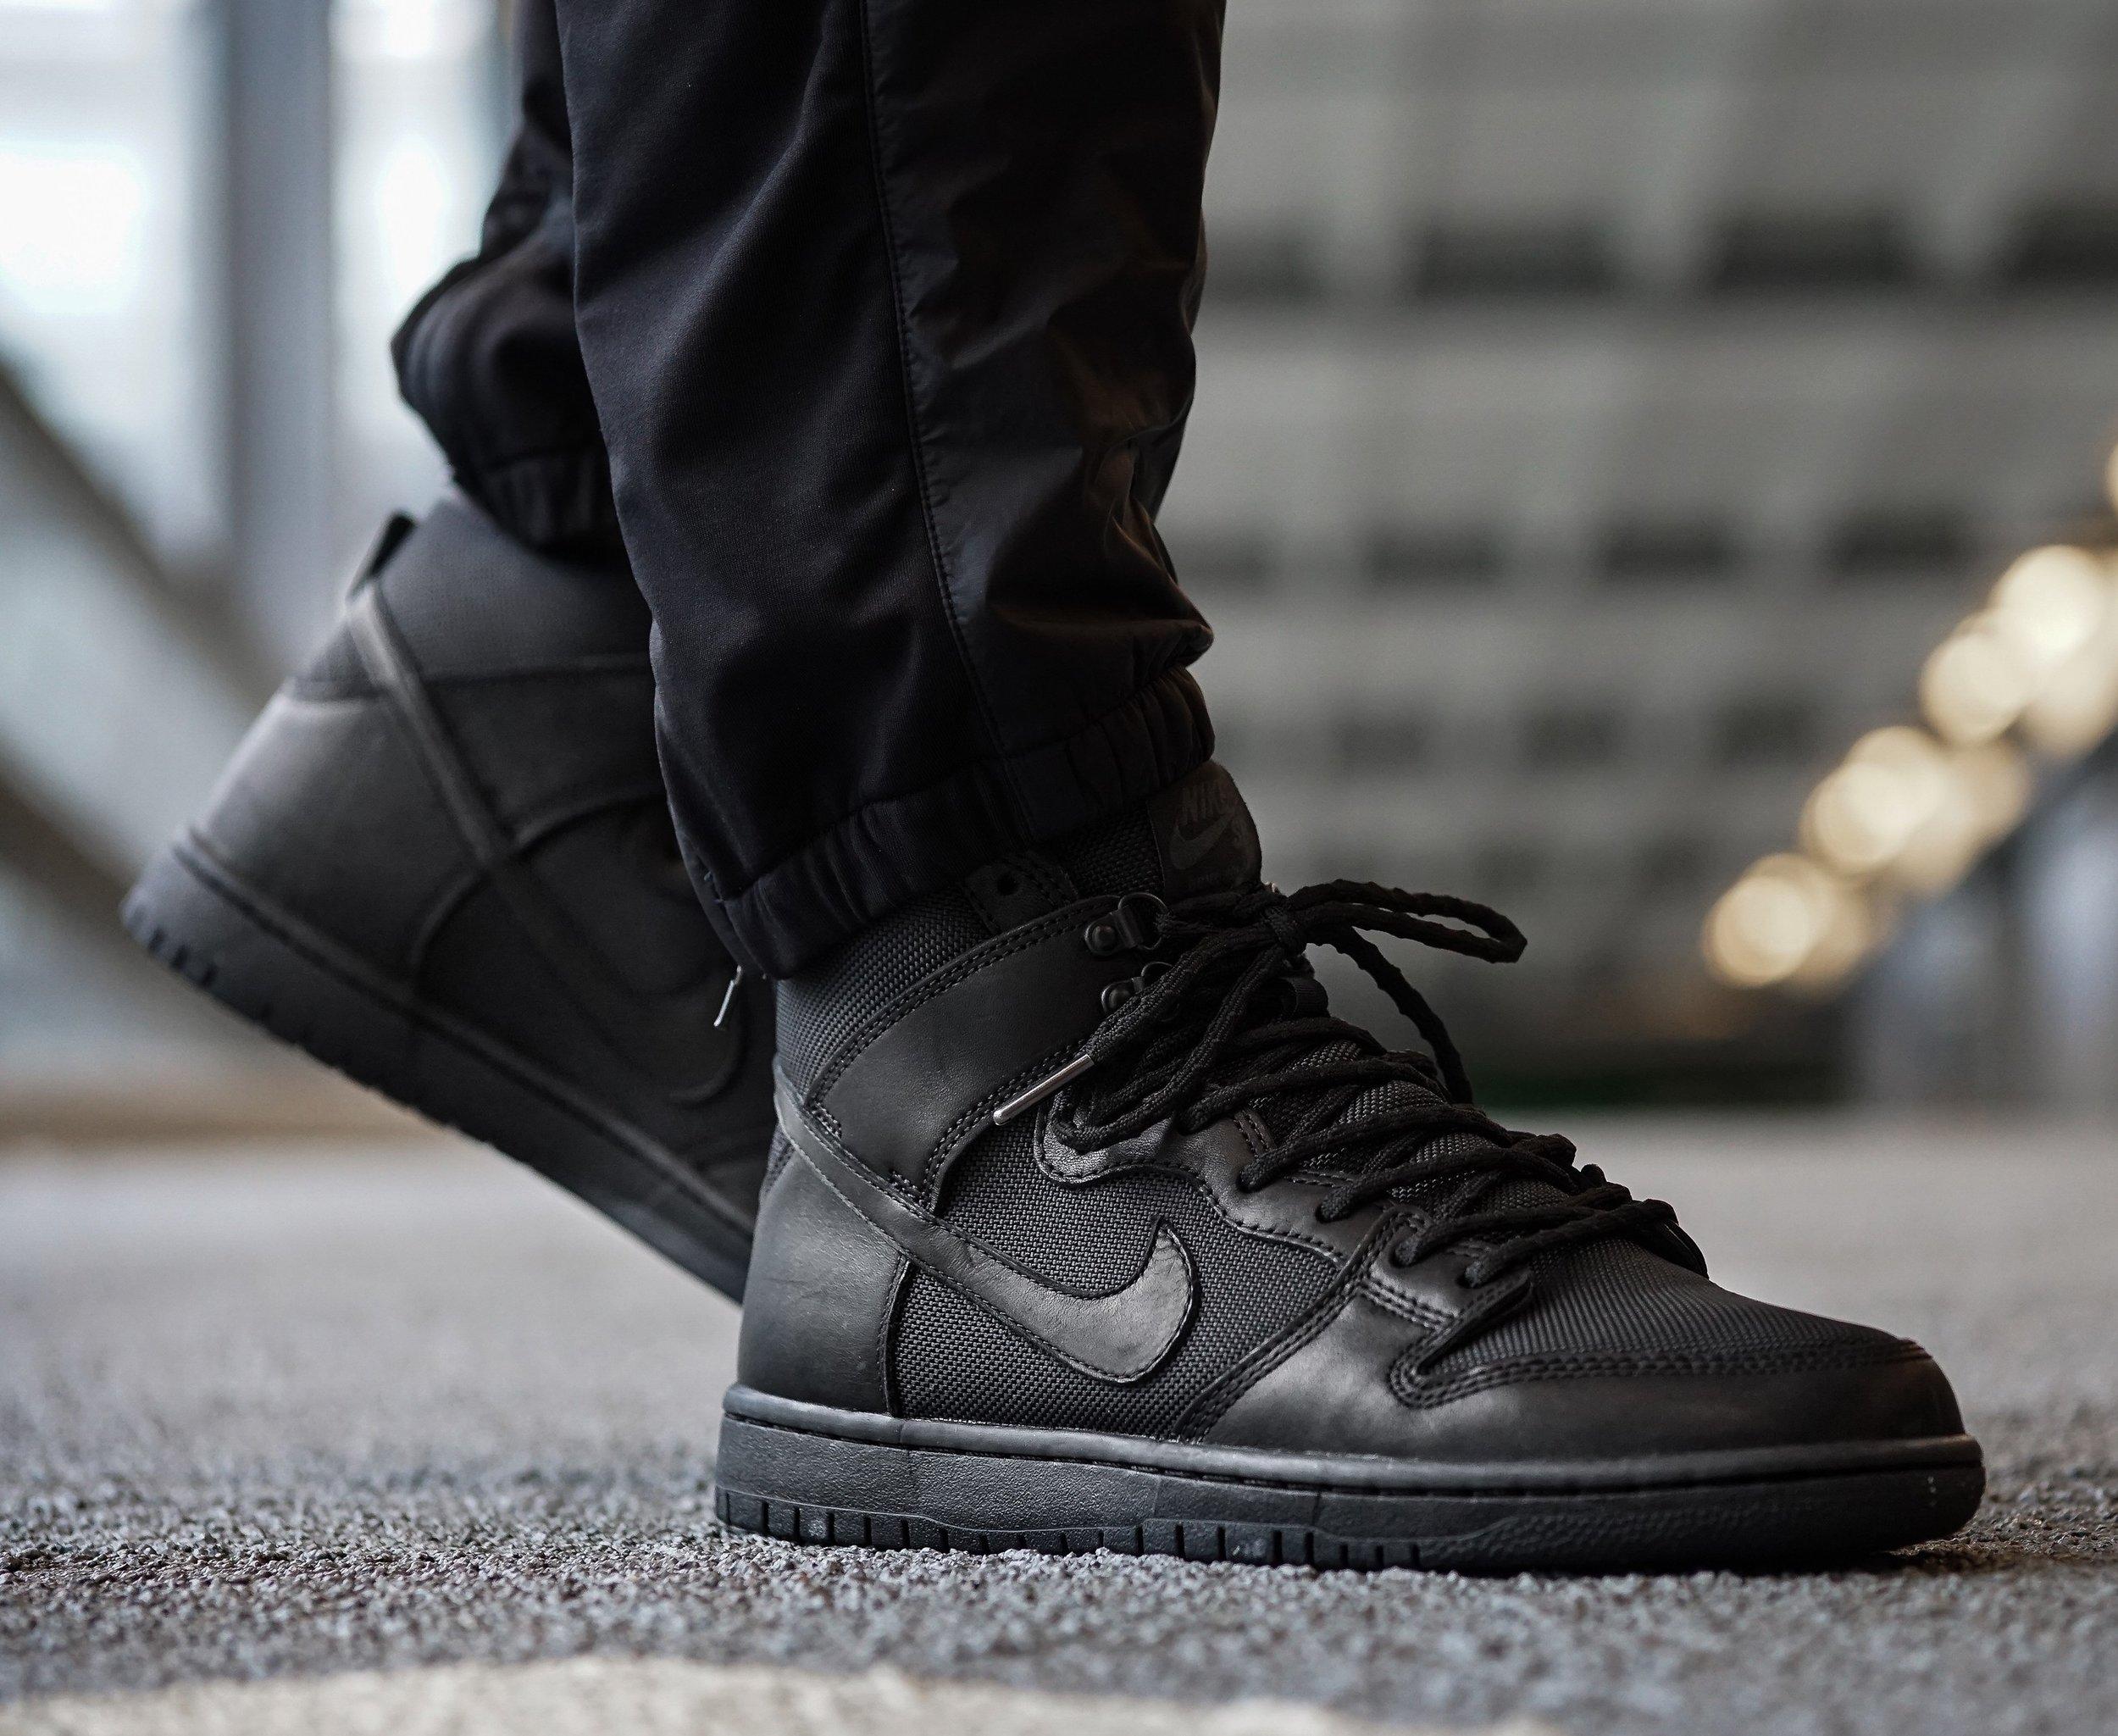 On Sale: Nike SB Dunk Hi Pro Bota